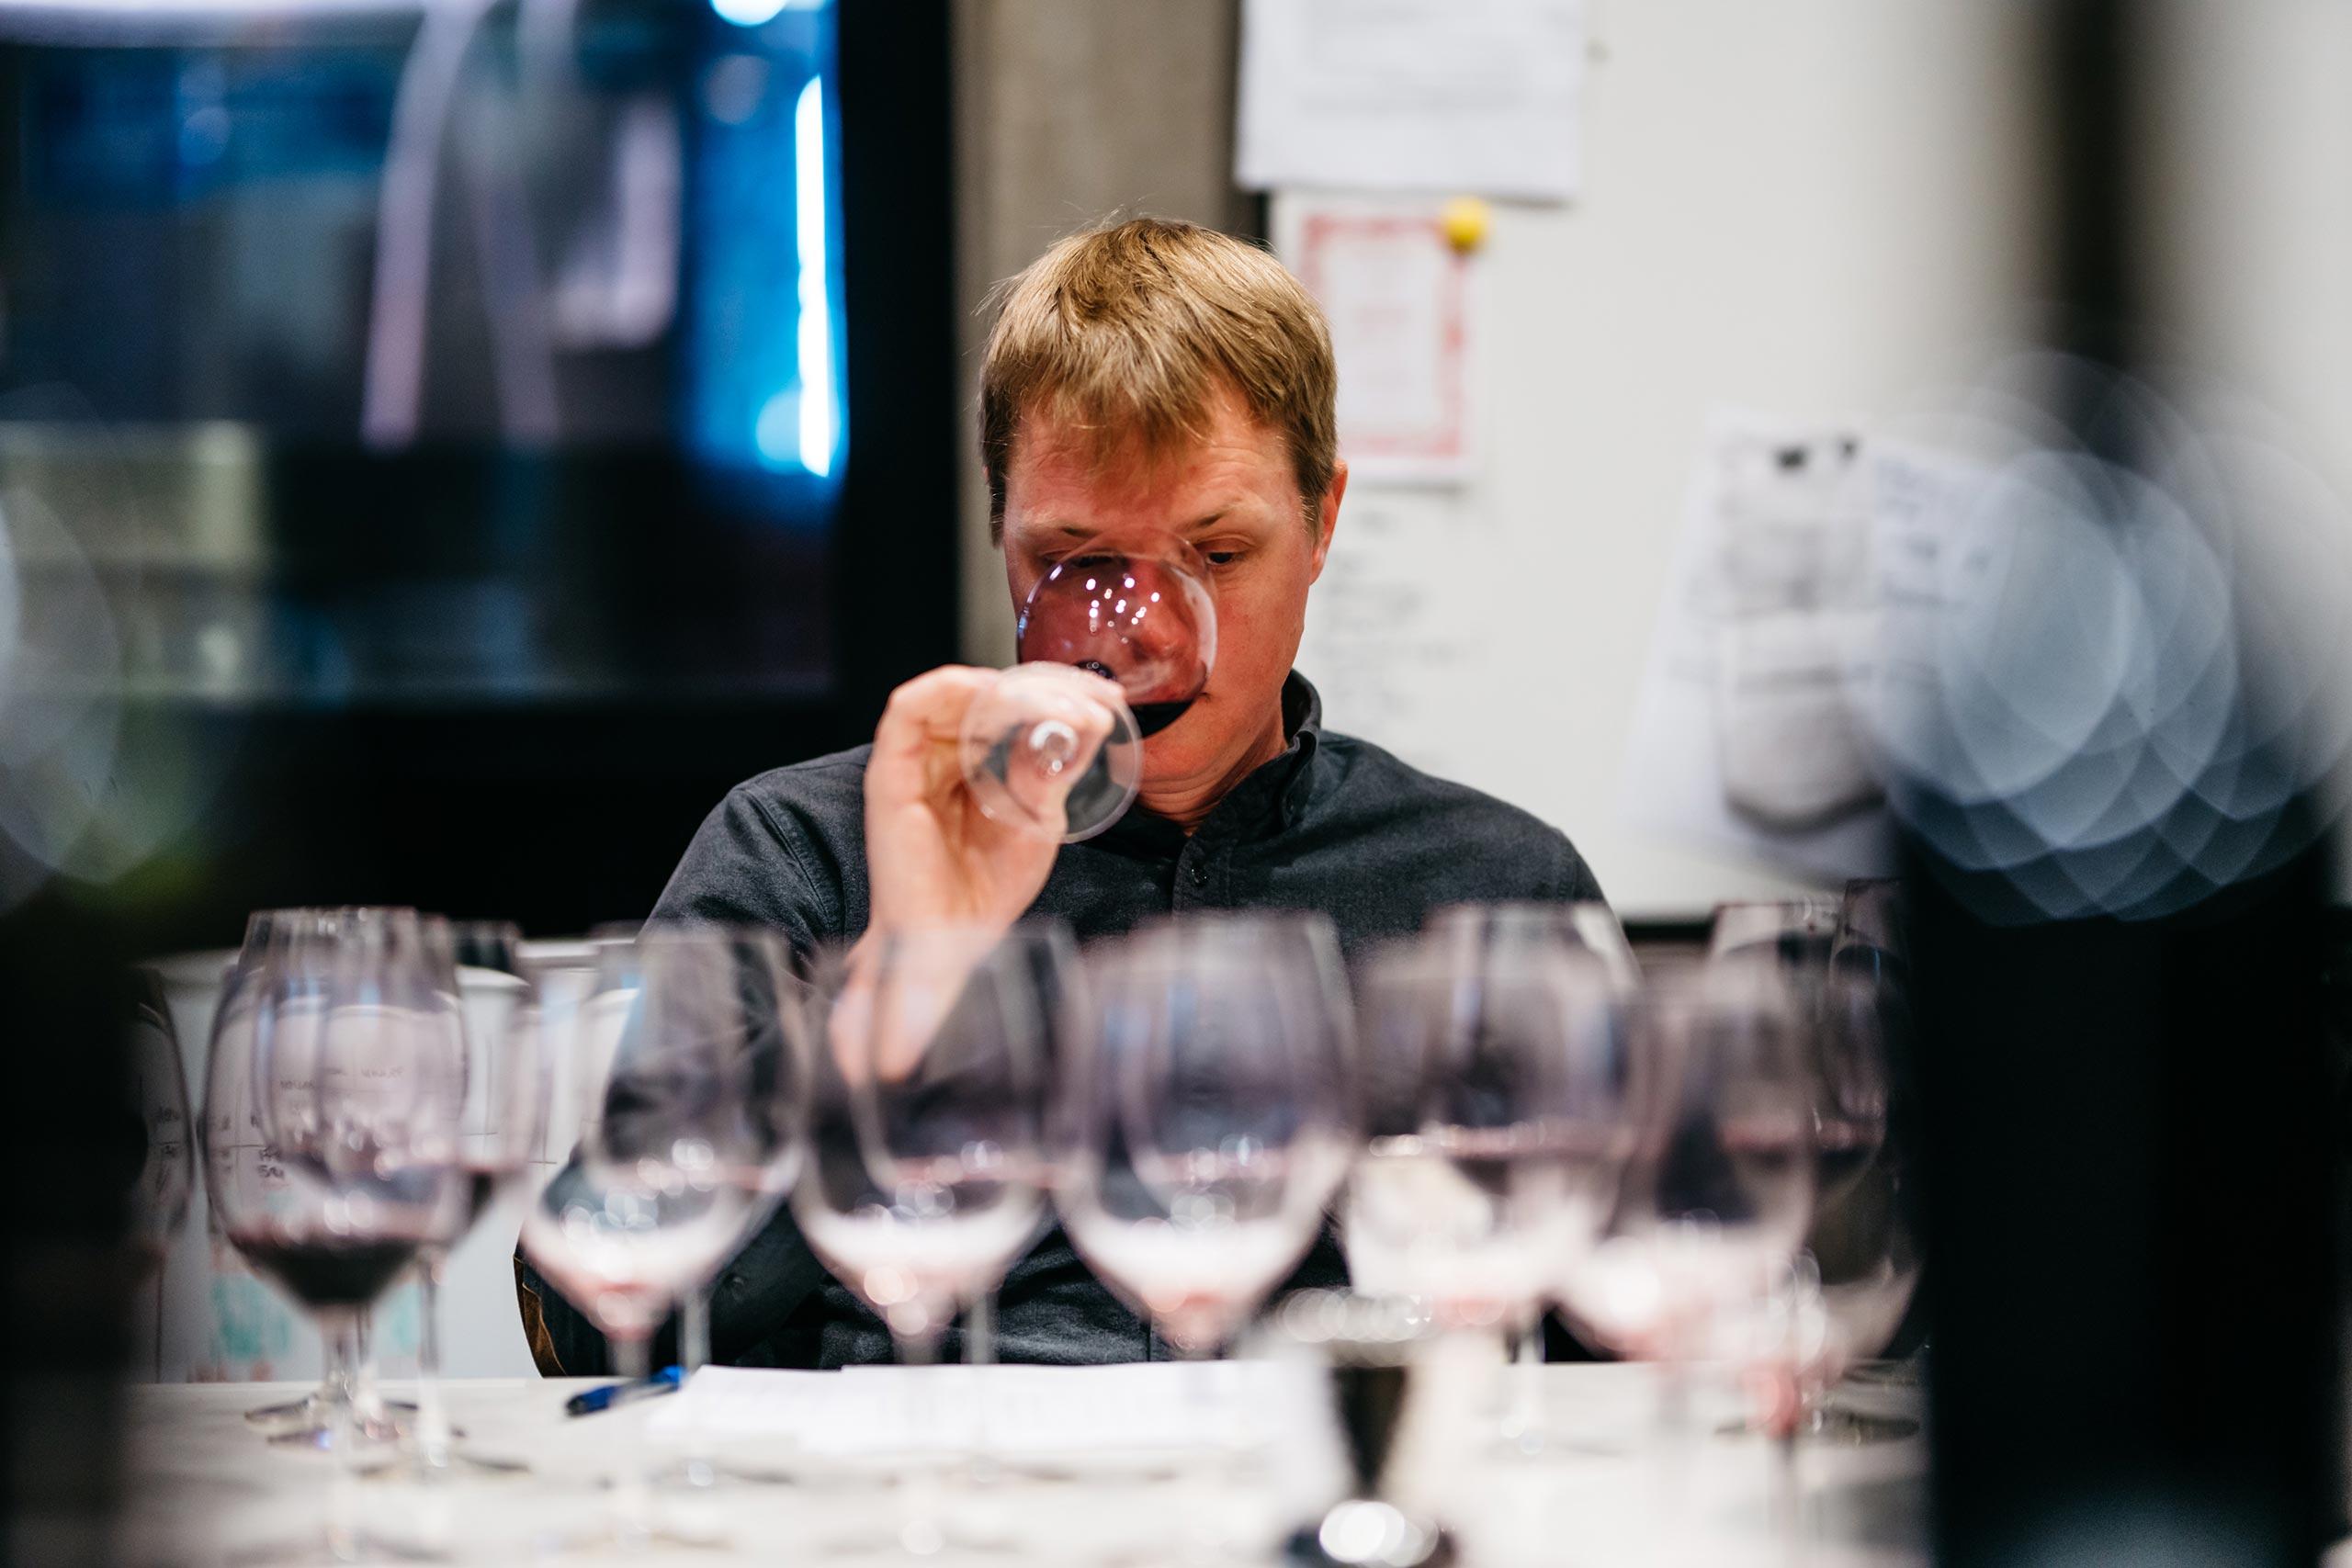 Austin tasting wine